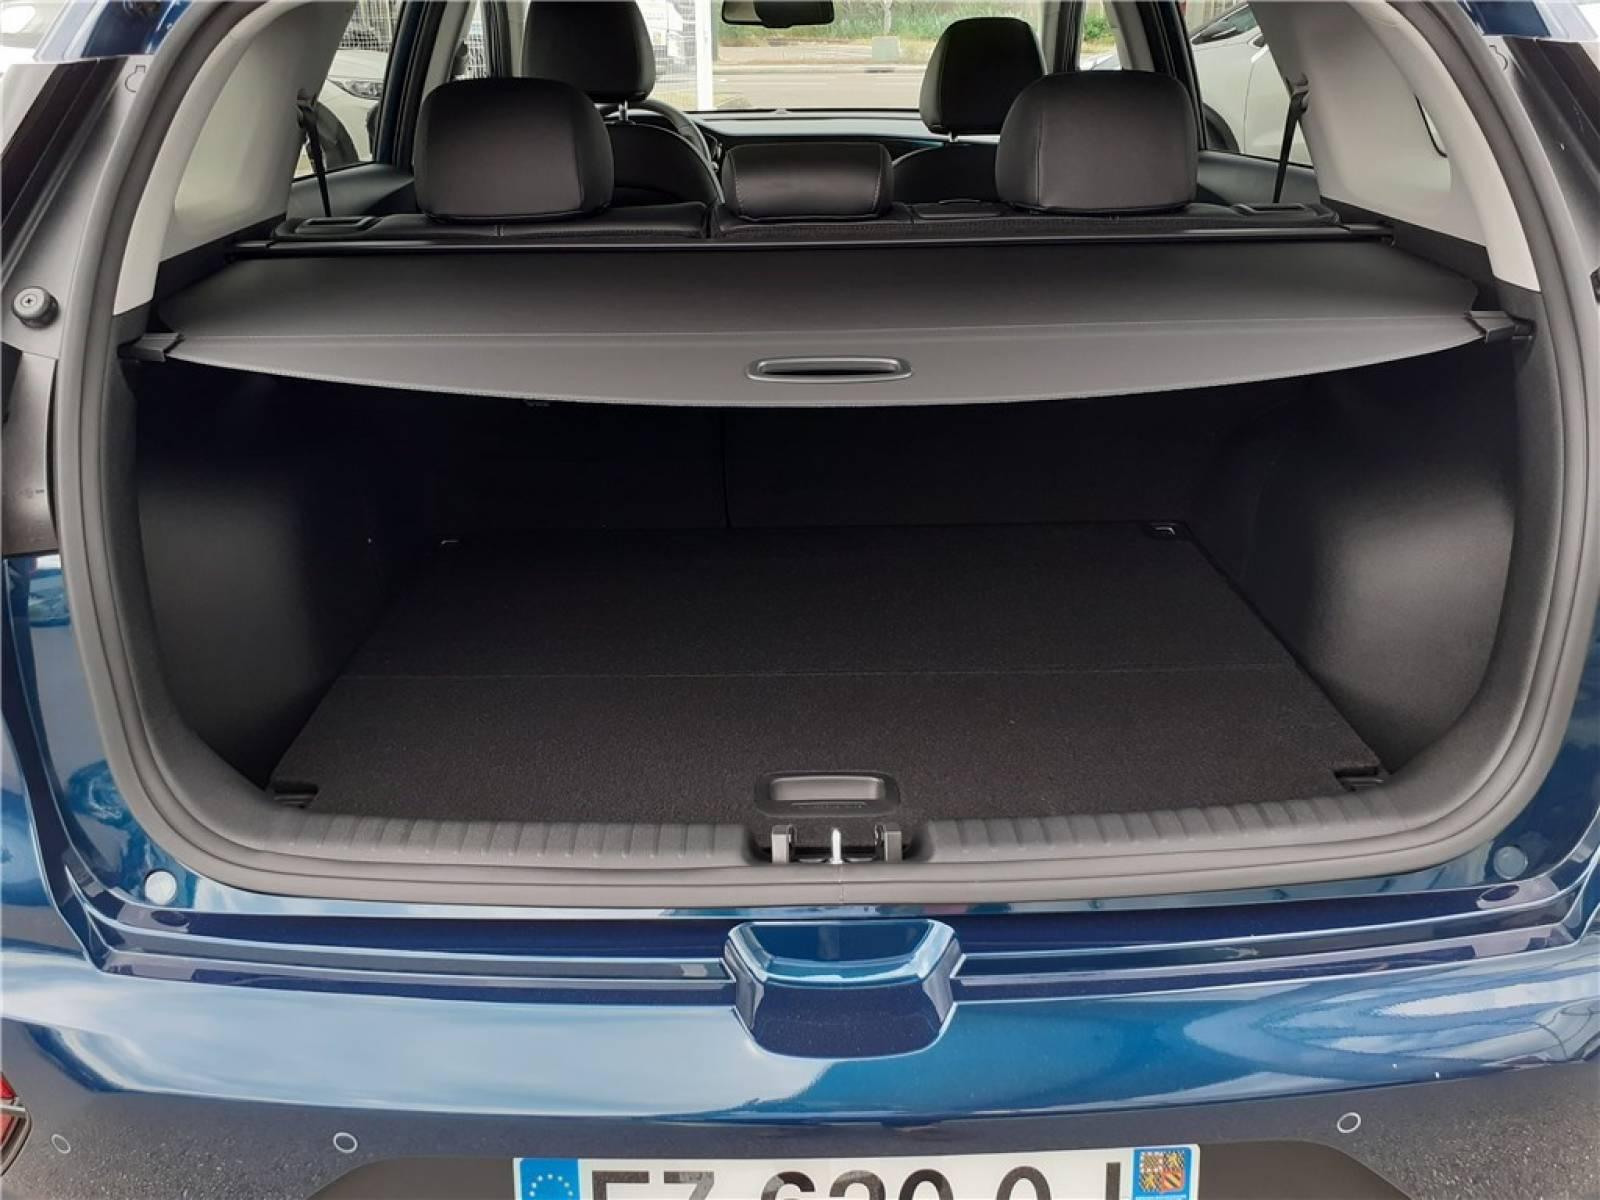 KIA Niro Hybrid 1.6 GDi 105 ch ISG + Electrique 43.5 ch DCT6 - véhicule d'occasion - Groupe Guillet - Hall de l'automobile - Chalon sur Saône - 71380 - Saint-Marcel - 30